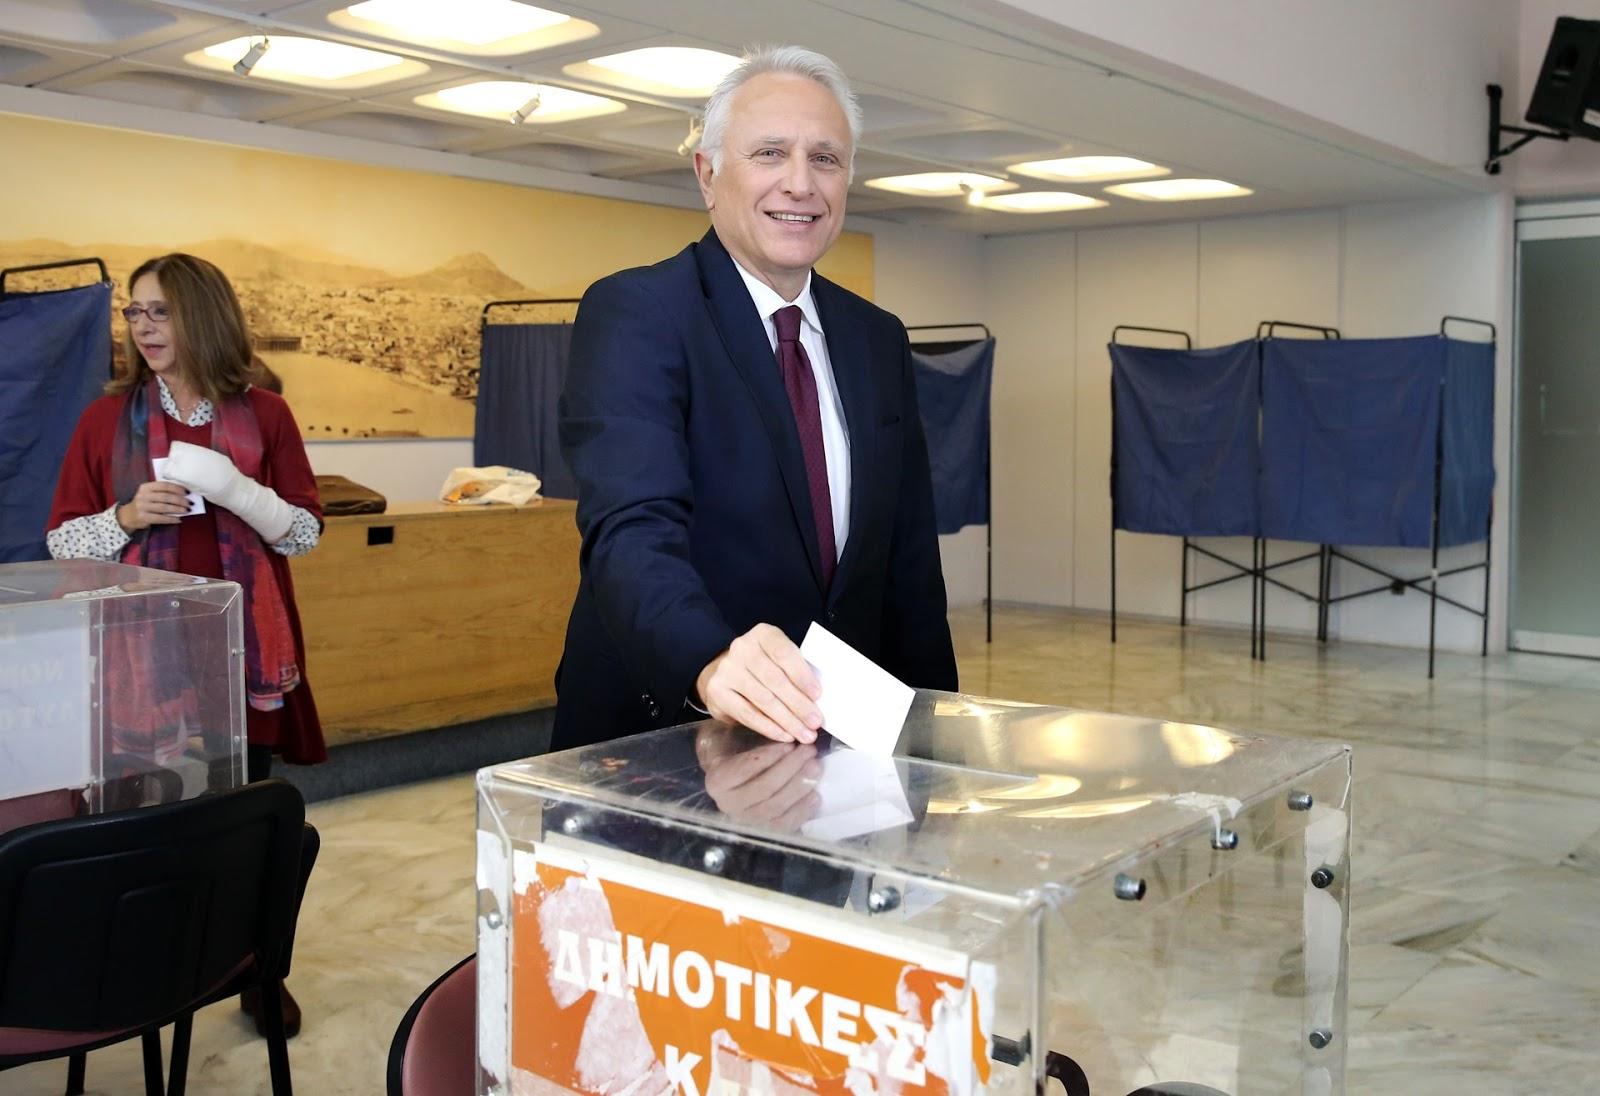 Στον Χολαργό ψήφισε το πρωί ο Γιάννης Ραγκούσης - Τι δήλωσε για την εκλογική διαδικασία